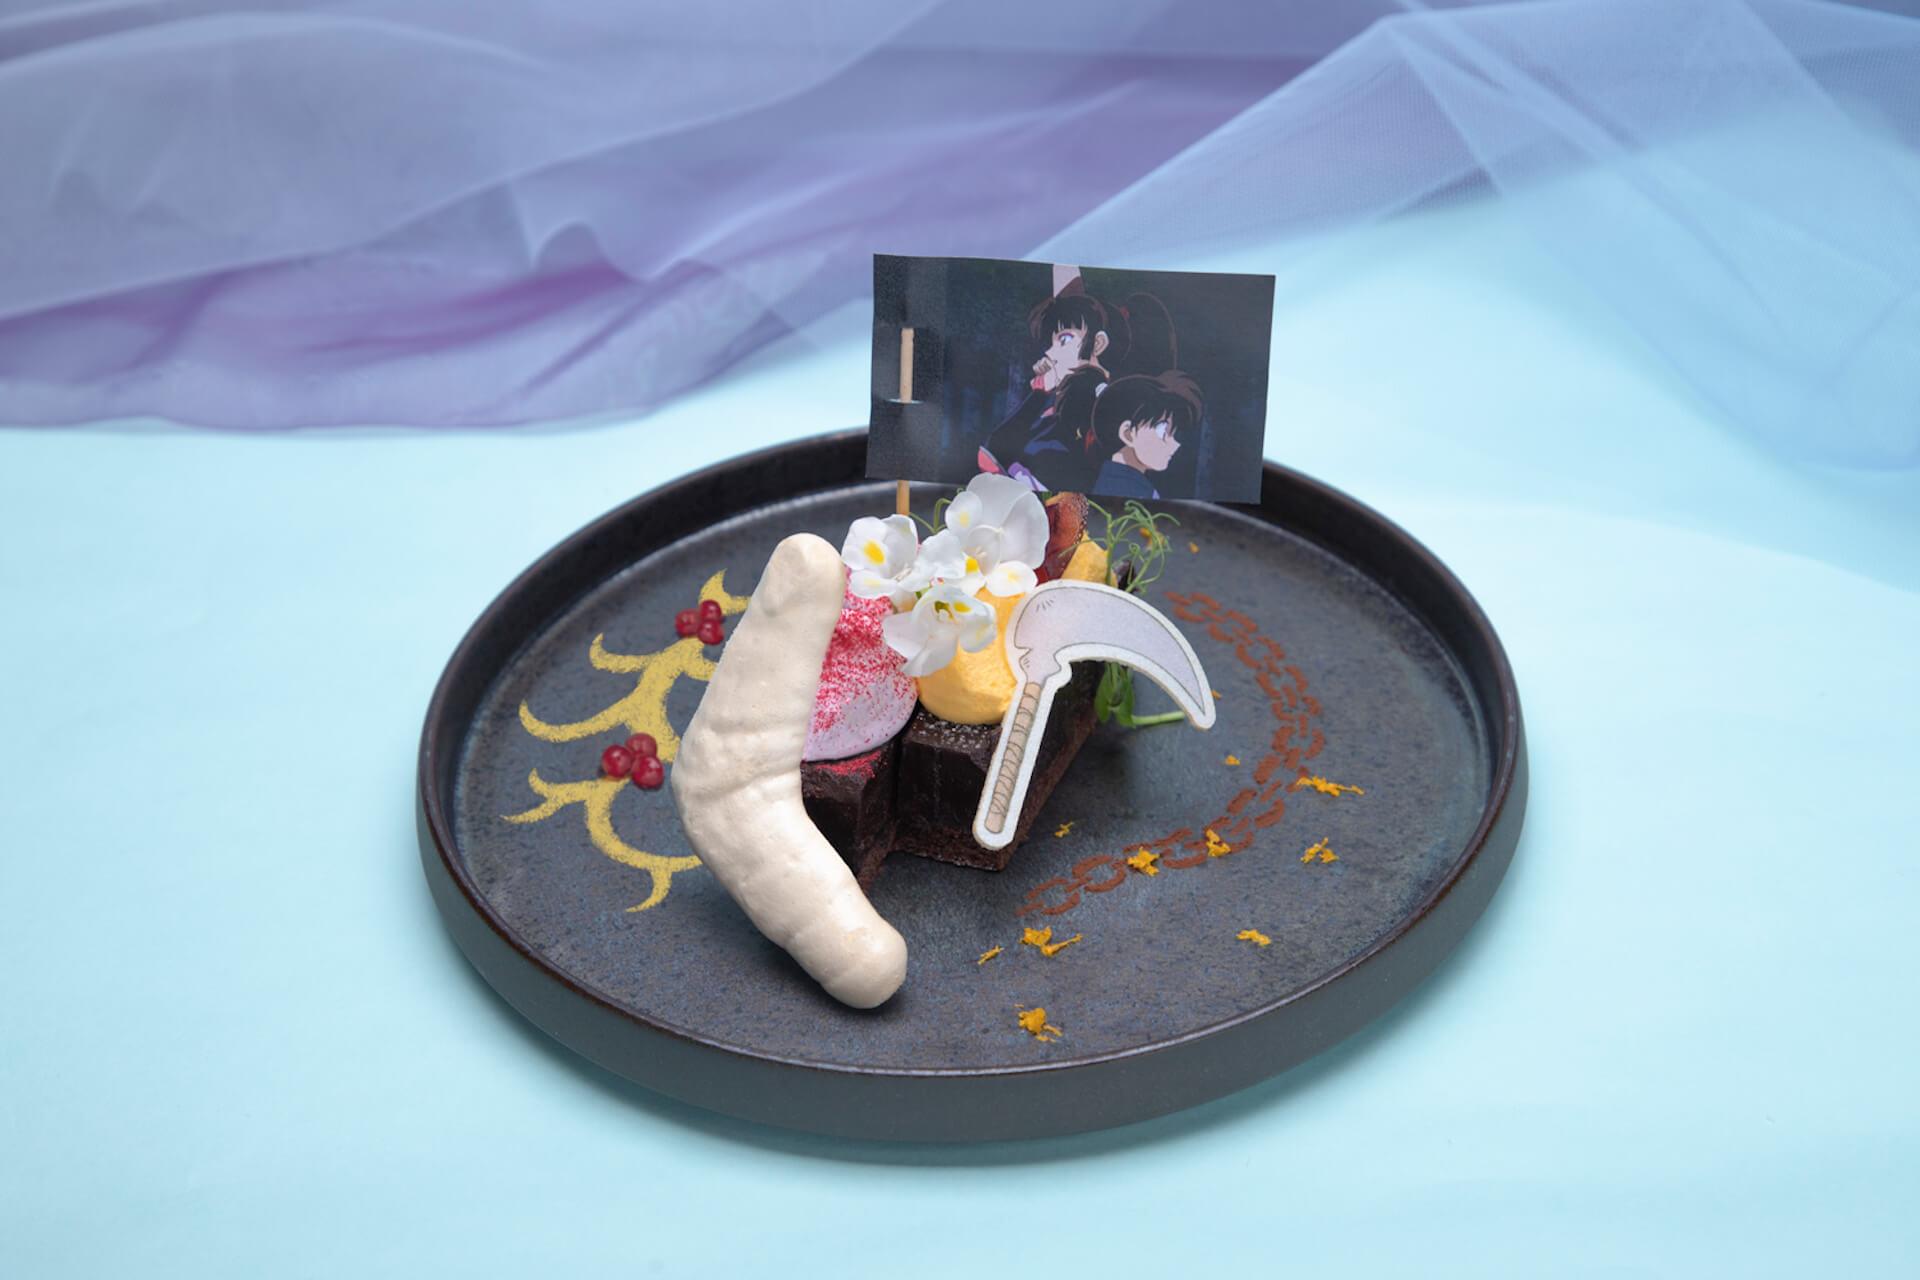 犬夜叉カフェが渋谷PARCOに期間限定オープン決定!名古屋・大阪でも開催&殺生丸・かごめら人気キャラクターの特別グッズも art200717_inuyasha_34